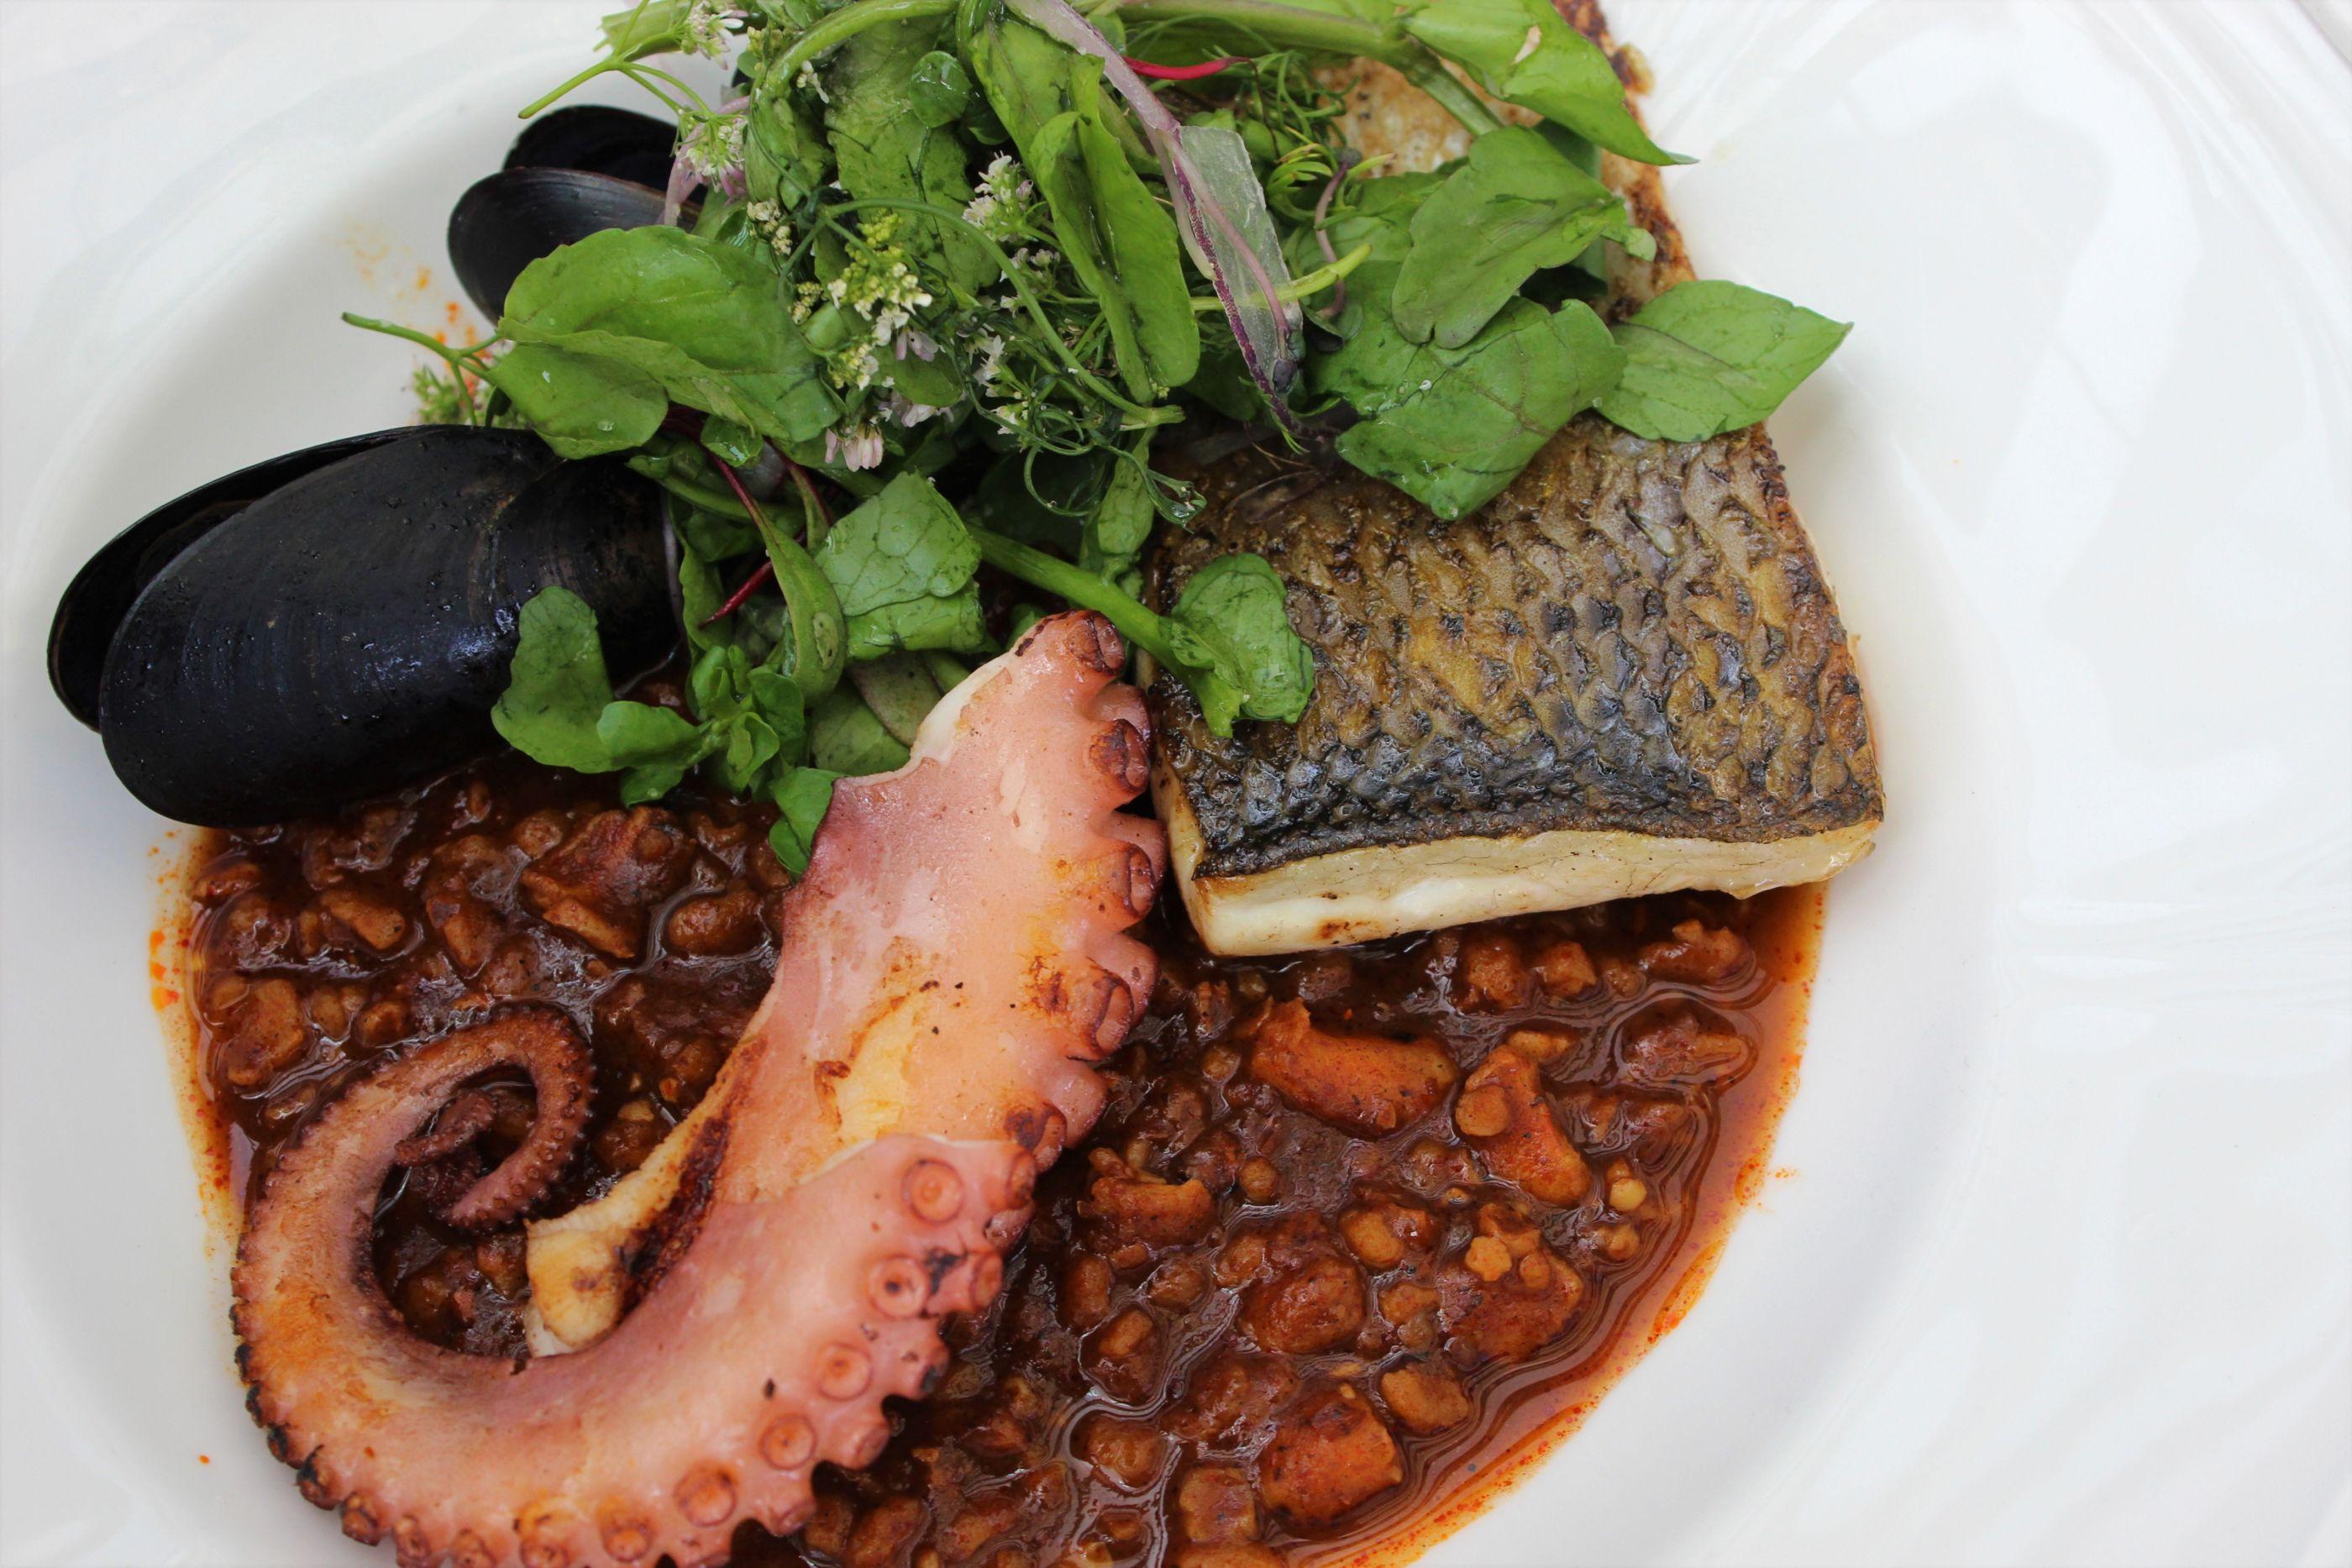 La cocina de Oaxaca: El nuevo, auténtico y tradicional menú de La Cantina Palacio